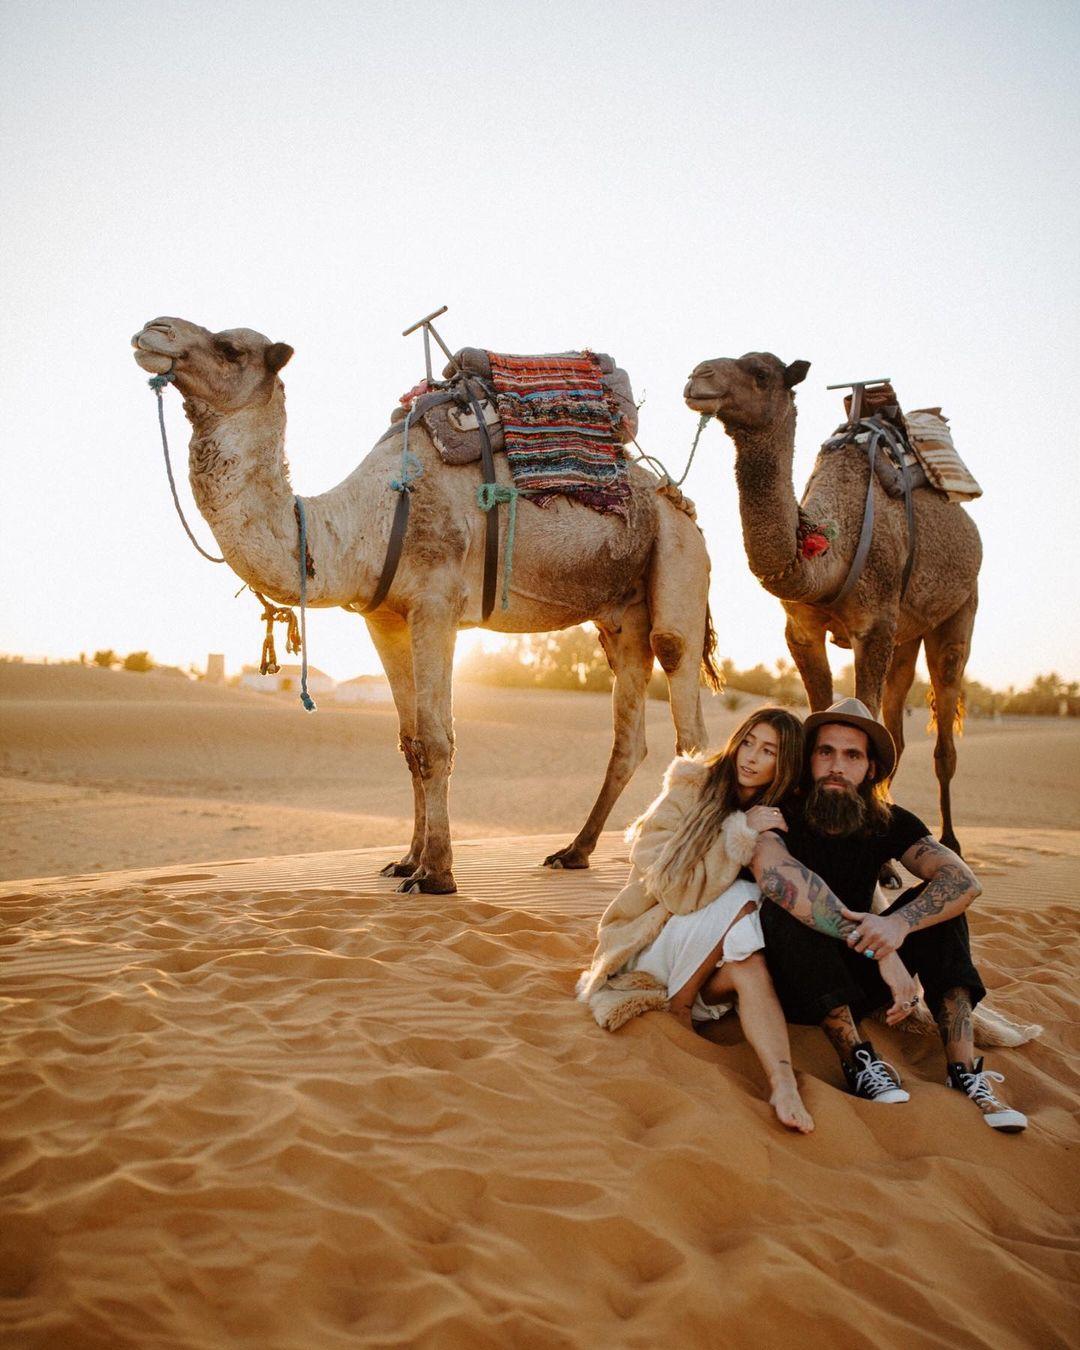 naik unta gurun sahara destinasi wisata eksotis maroko